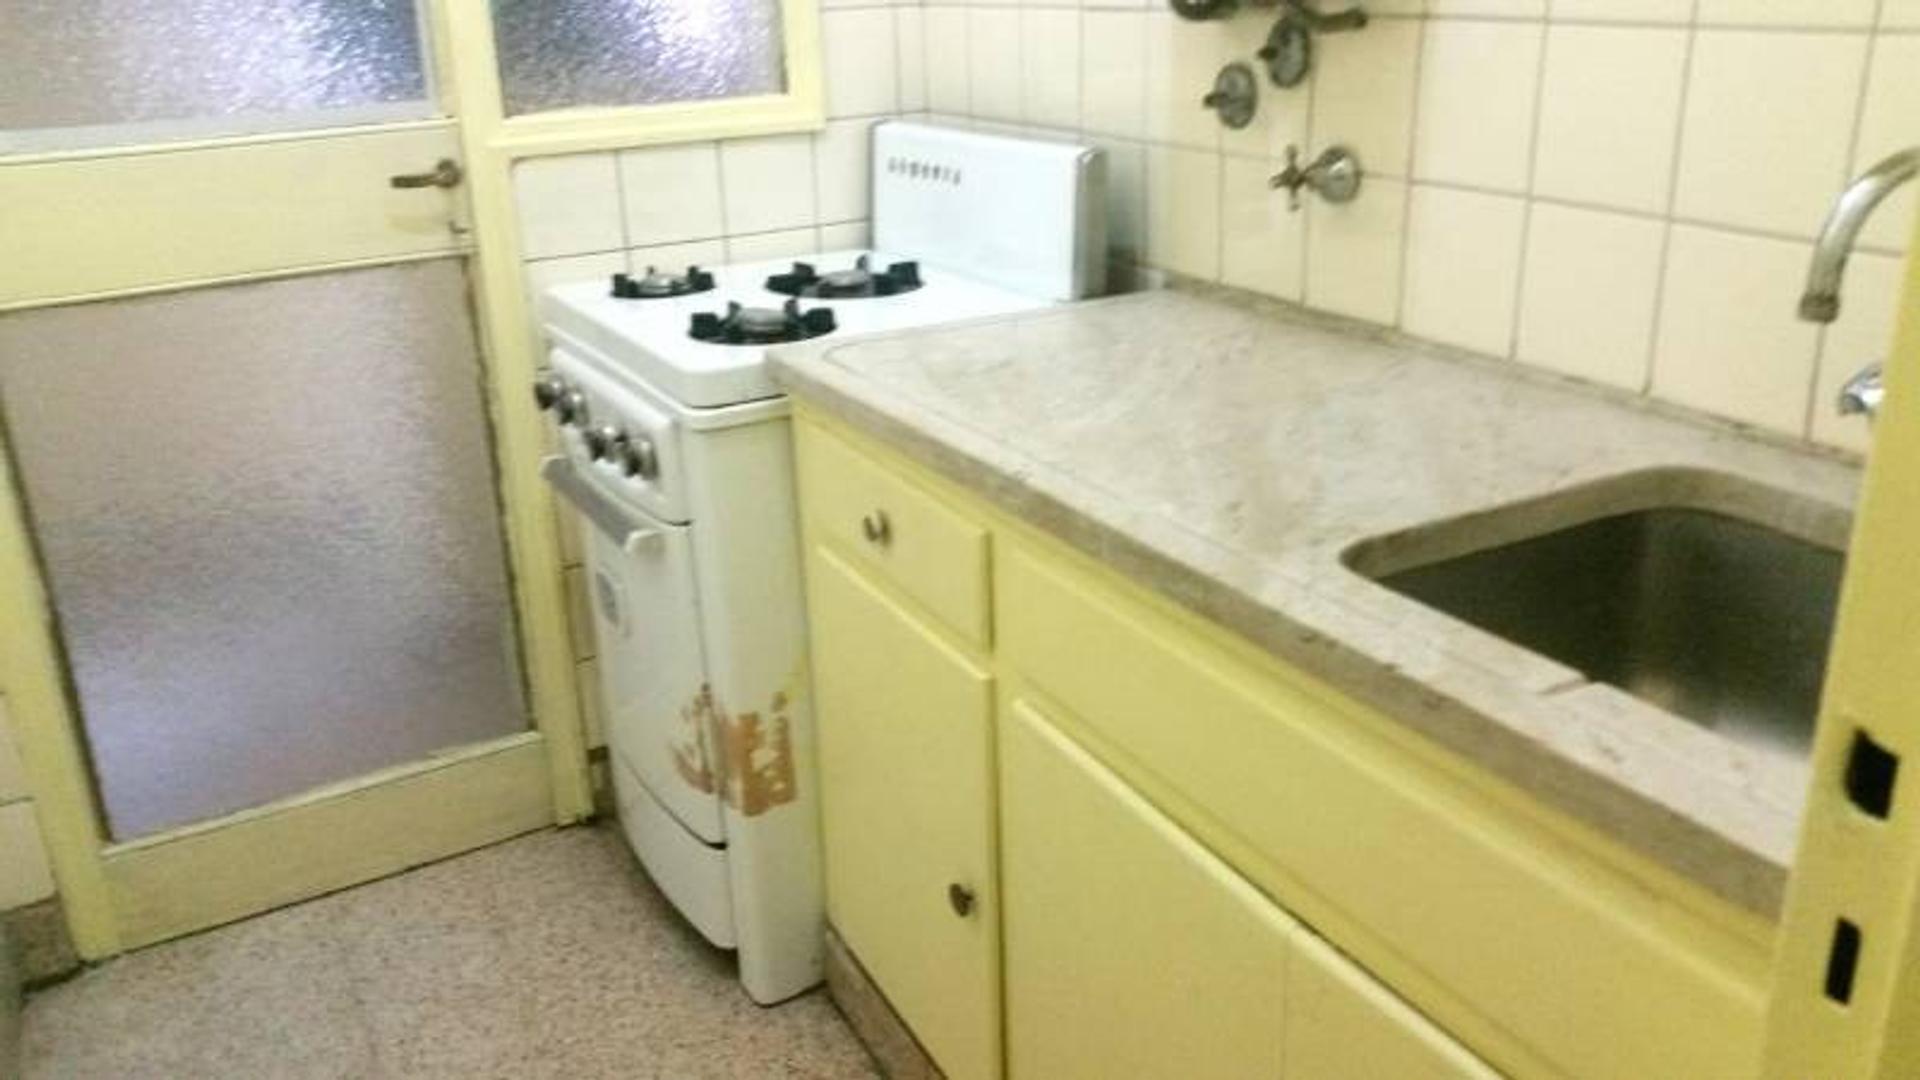 Departamento en venta de 1 ambiente con baño,cocina completa y lavadero independiente